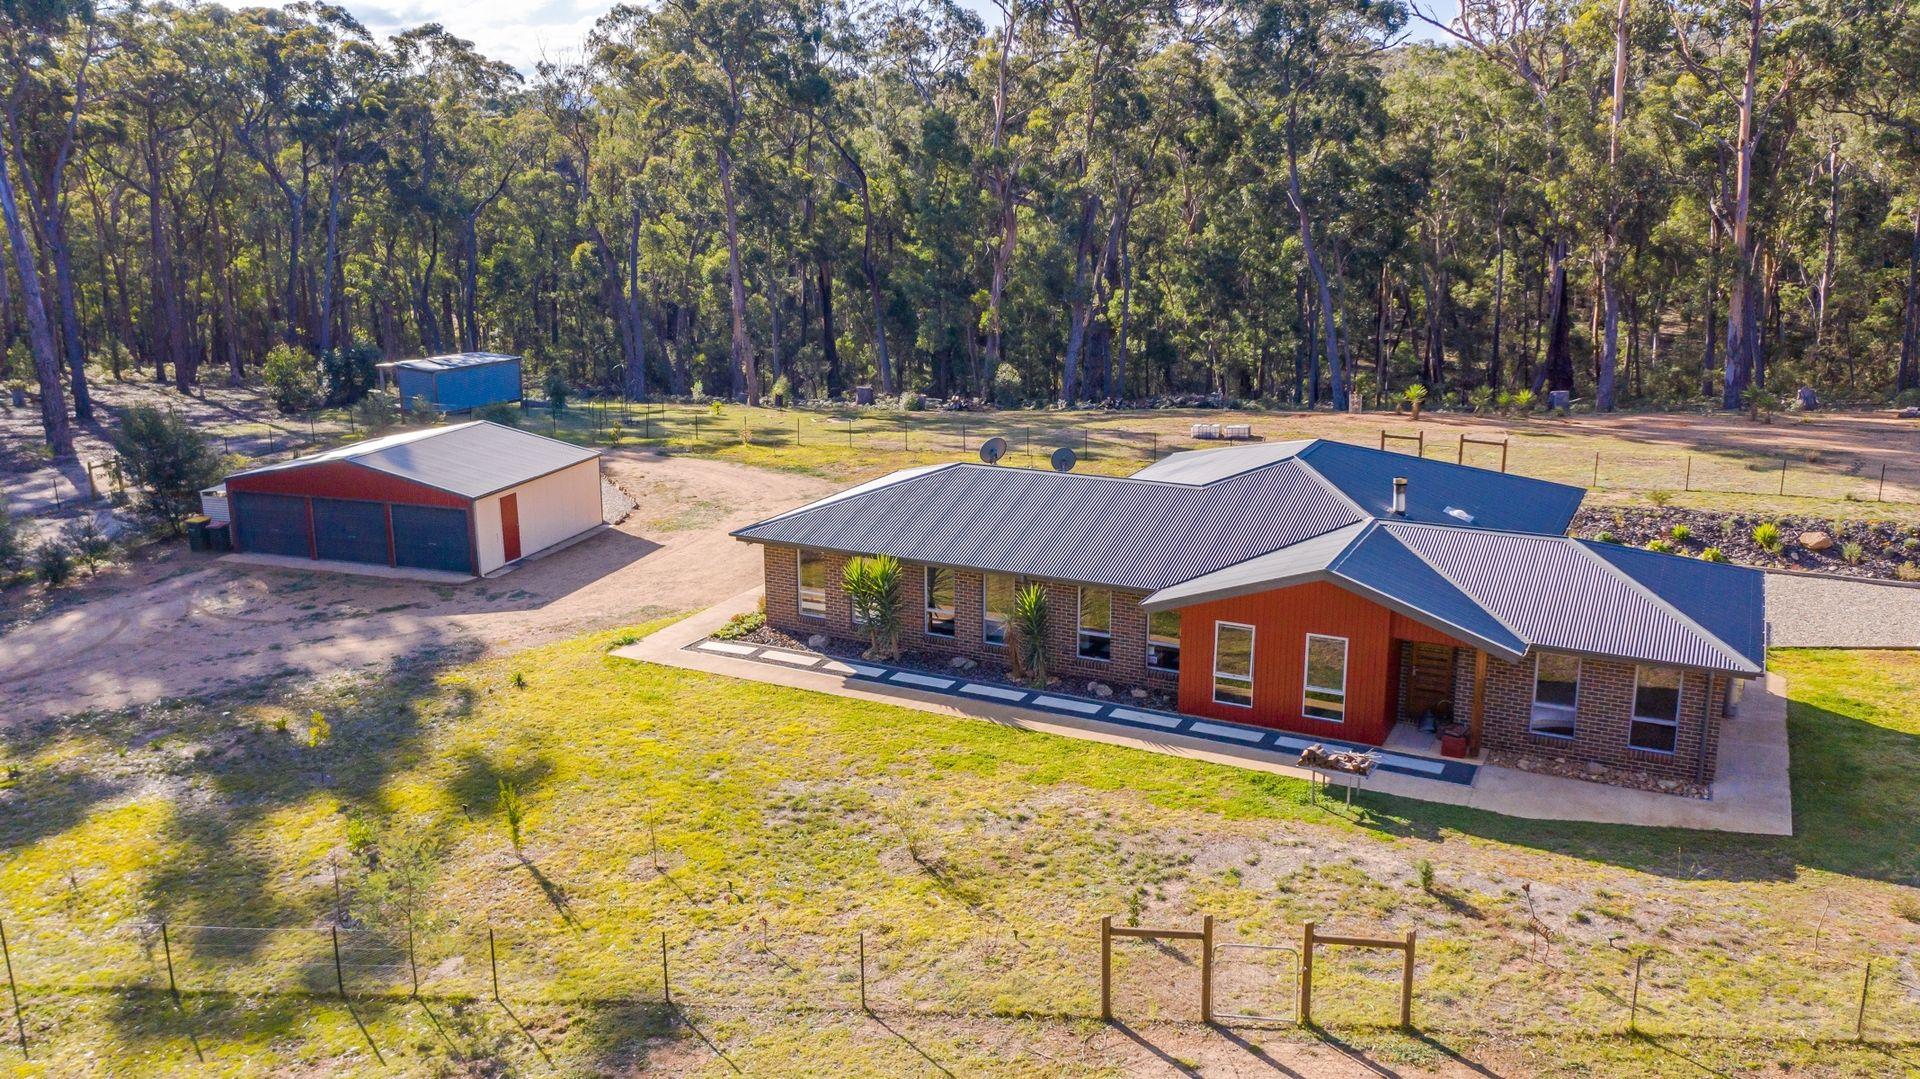 948 Burragate Rd, Wyndham NSW 2550, Image 0